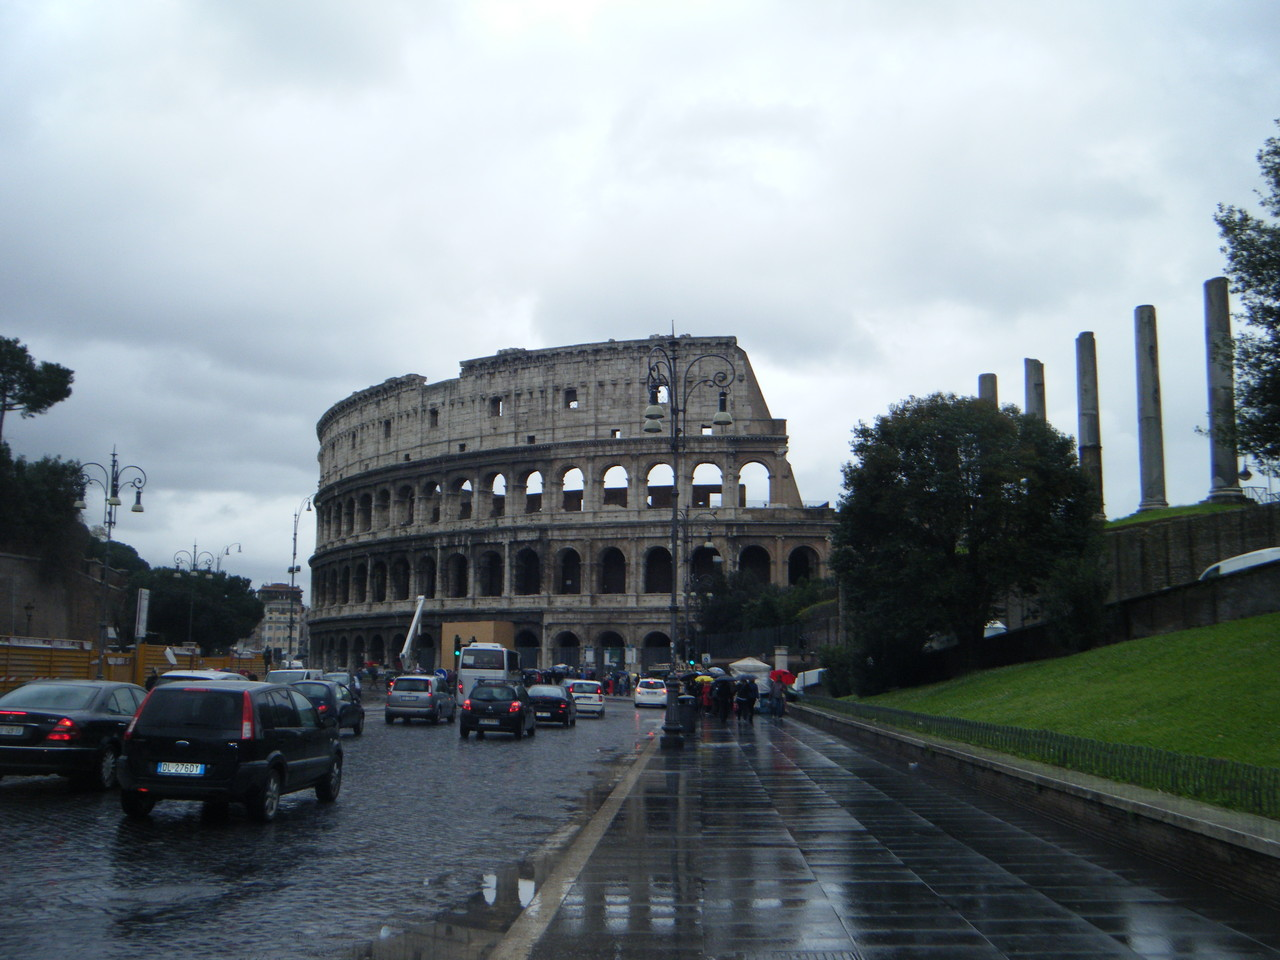 Le Colosseo